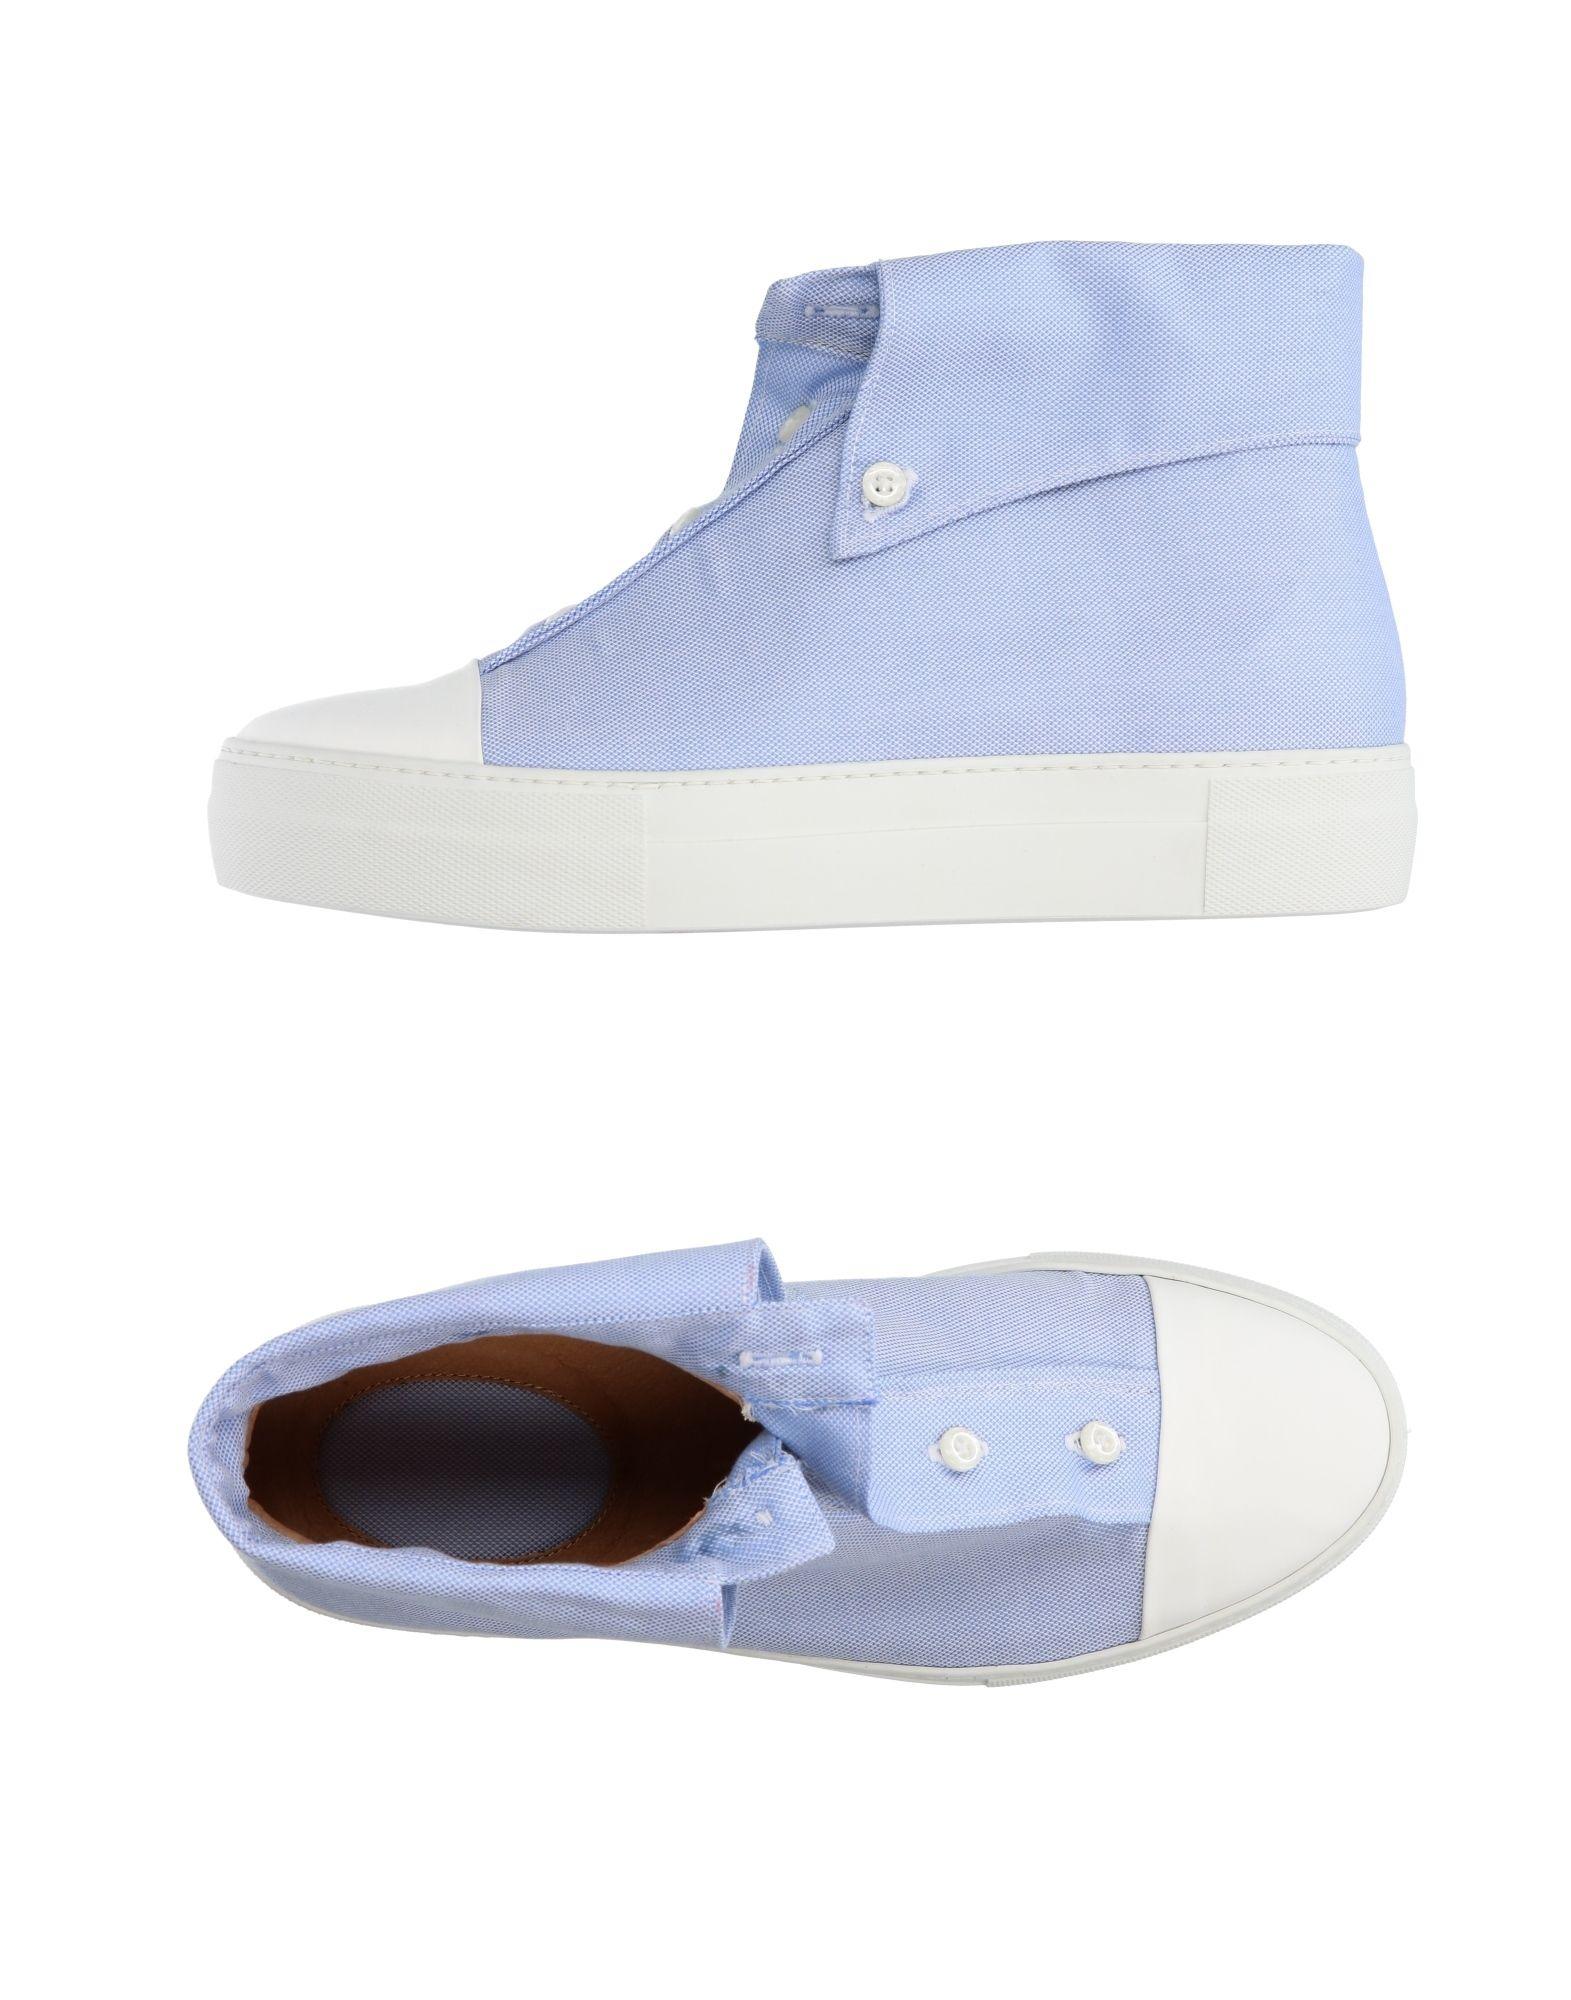 Sciuscert Sneakers Herren  11295679GT Heiße Schuhe